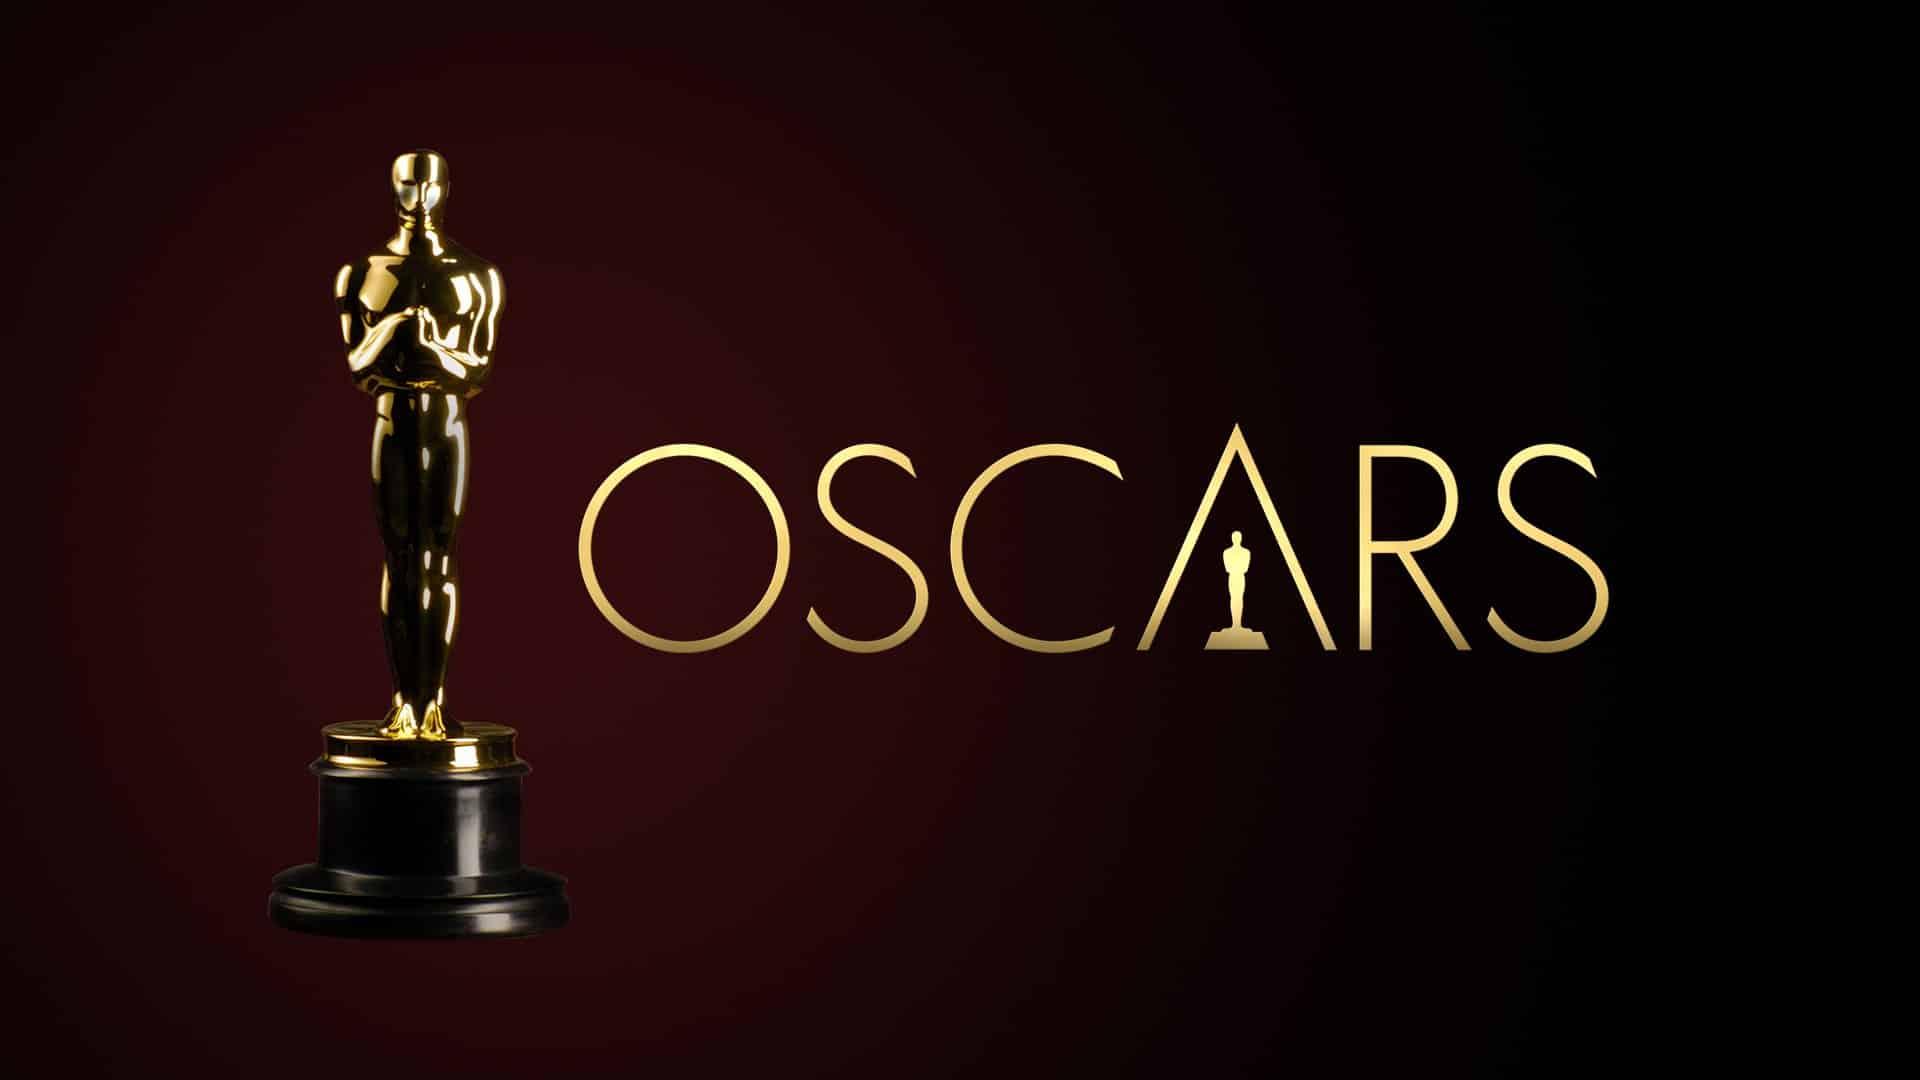 Peli o manta. Oscars 2020. Logo